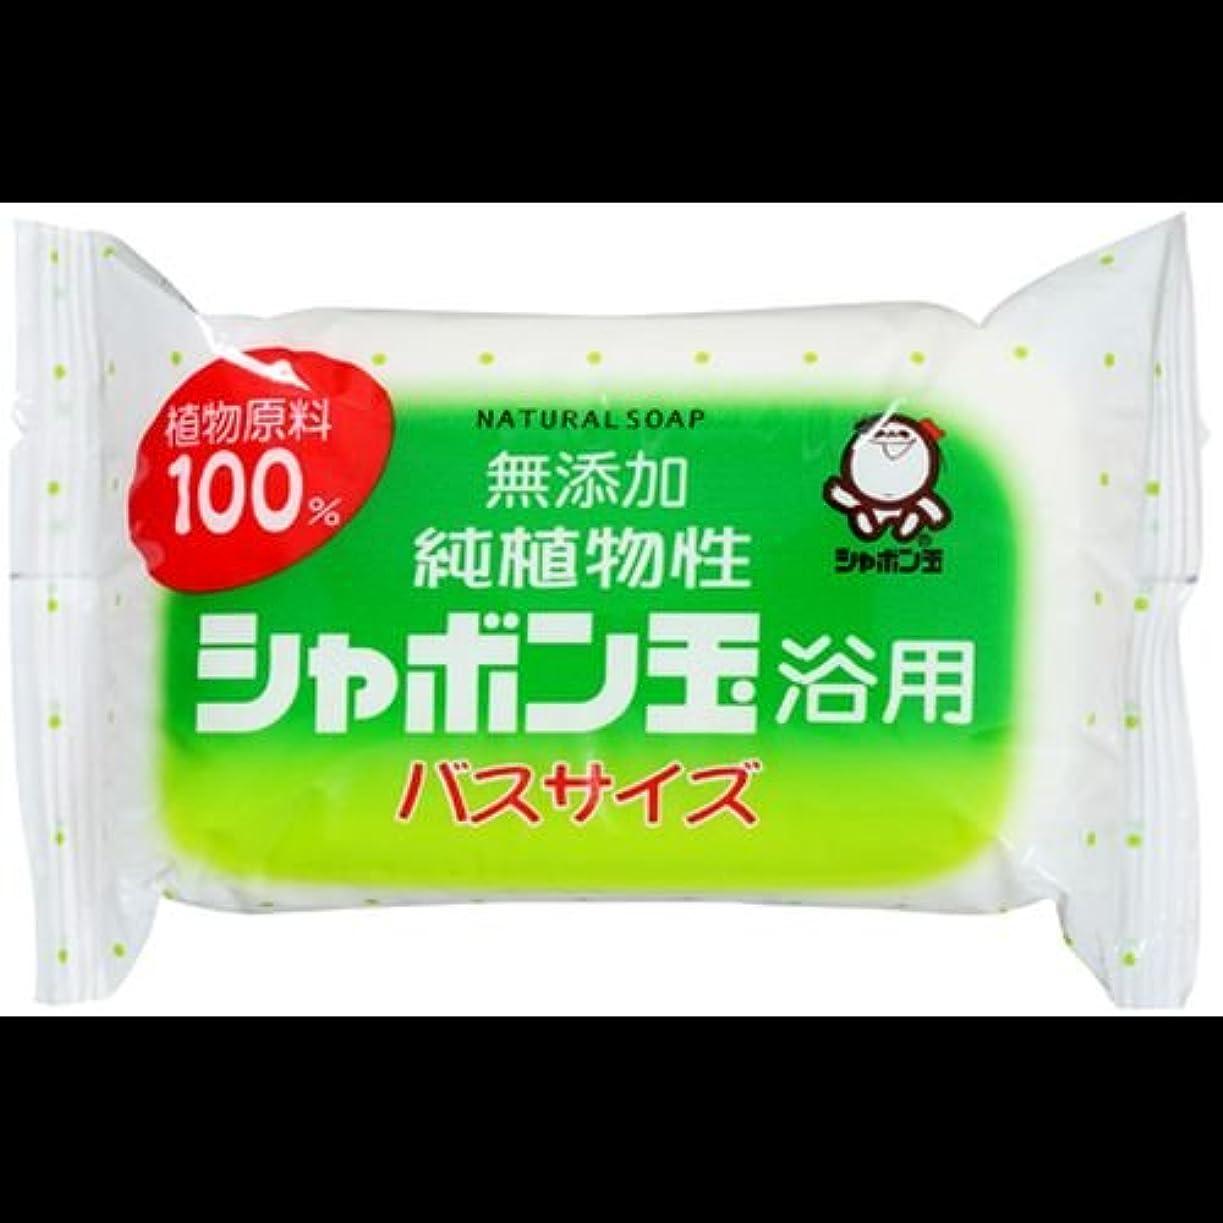 ほかにトンネル低い【まとめ買い】純植物性シャボン玉 浴用 バスサイズ155g ×2セット